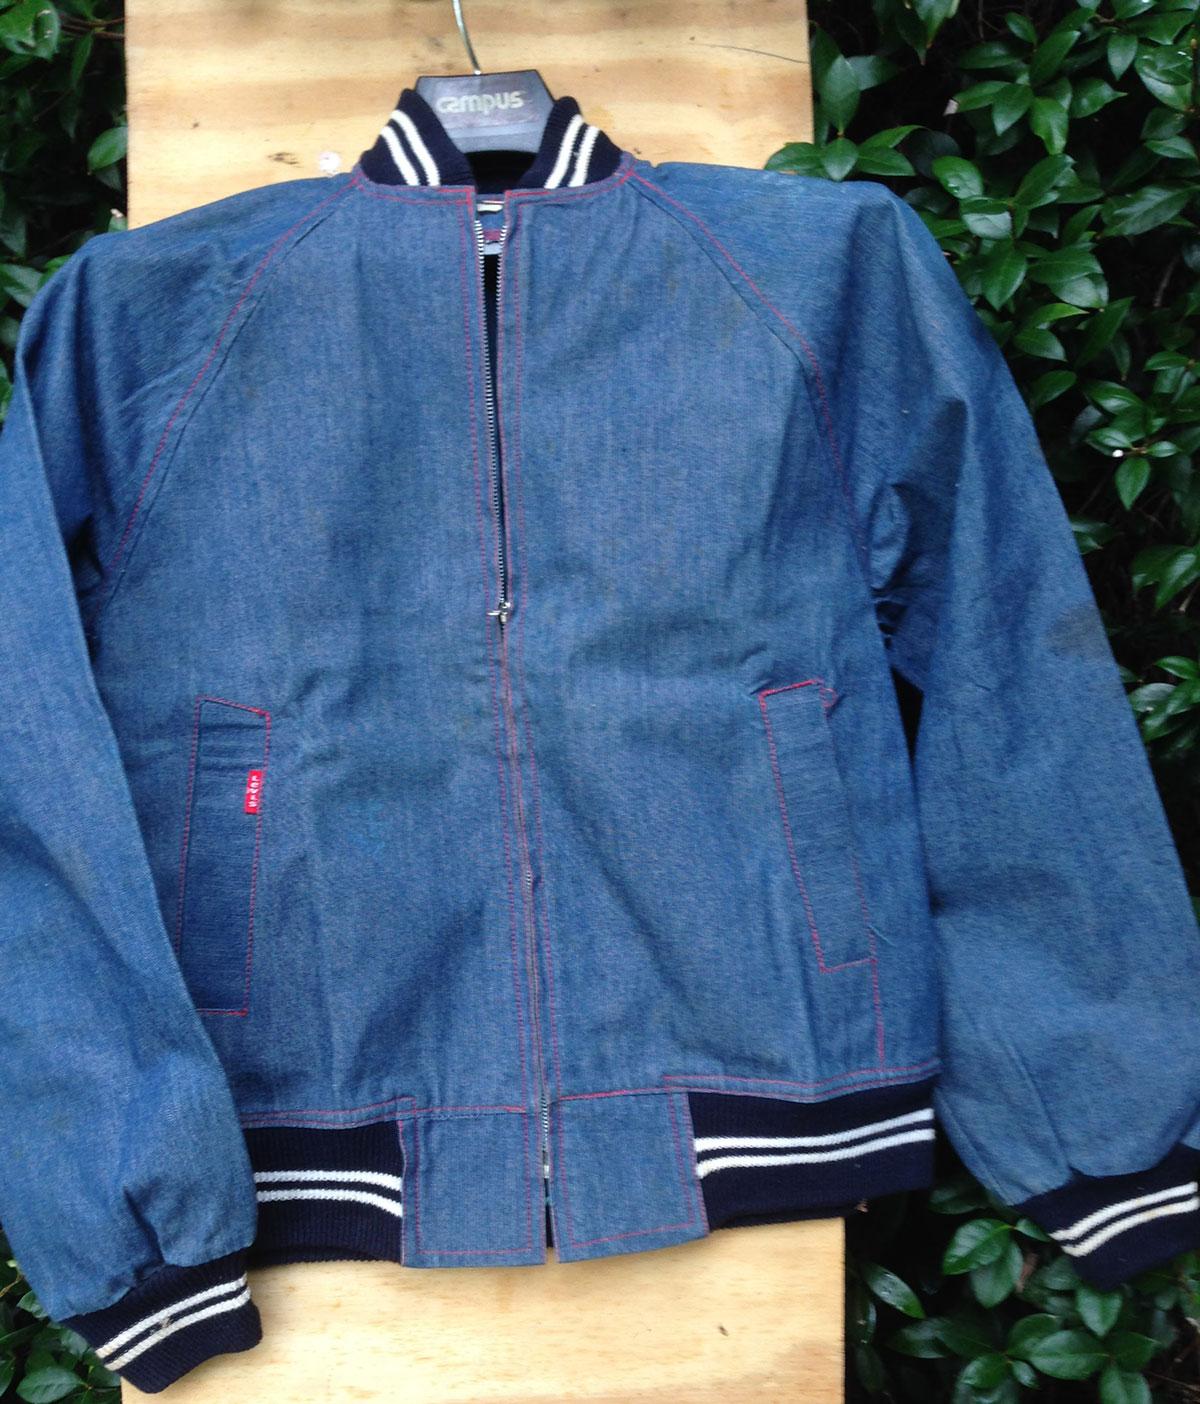 Levis Baseball 70s Vintage Denim Jacket Red Label